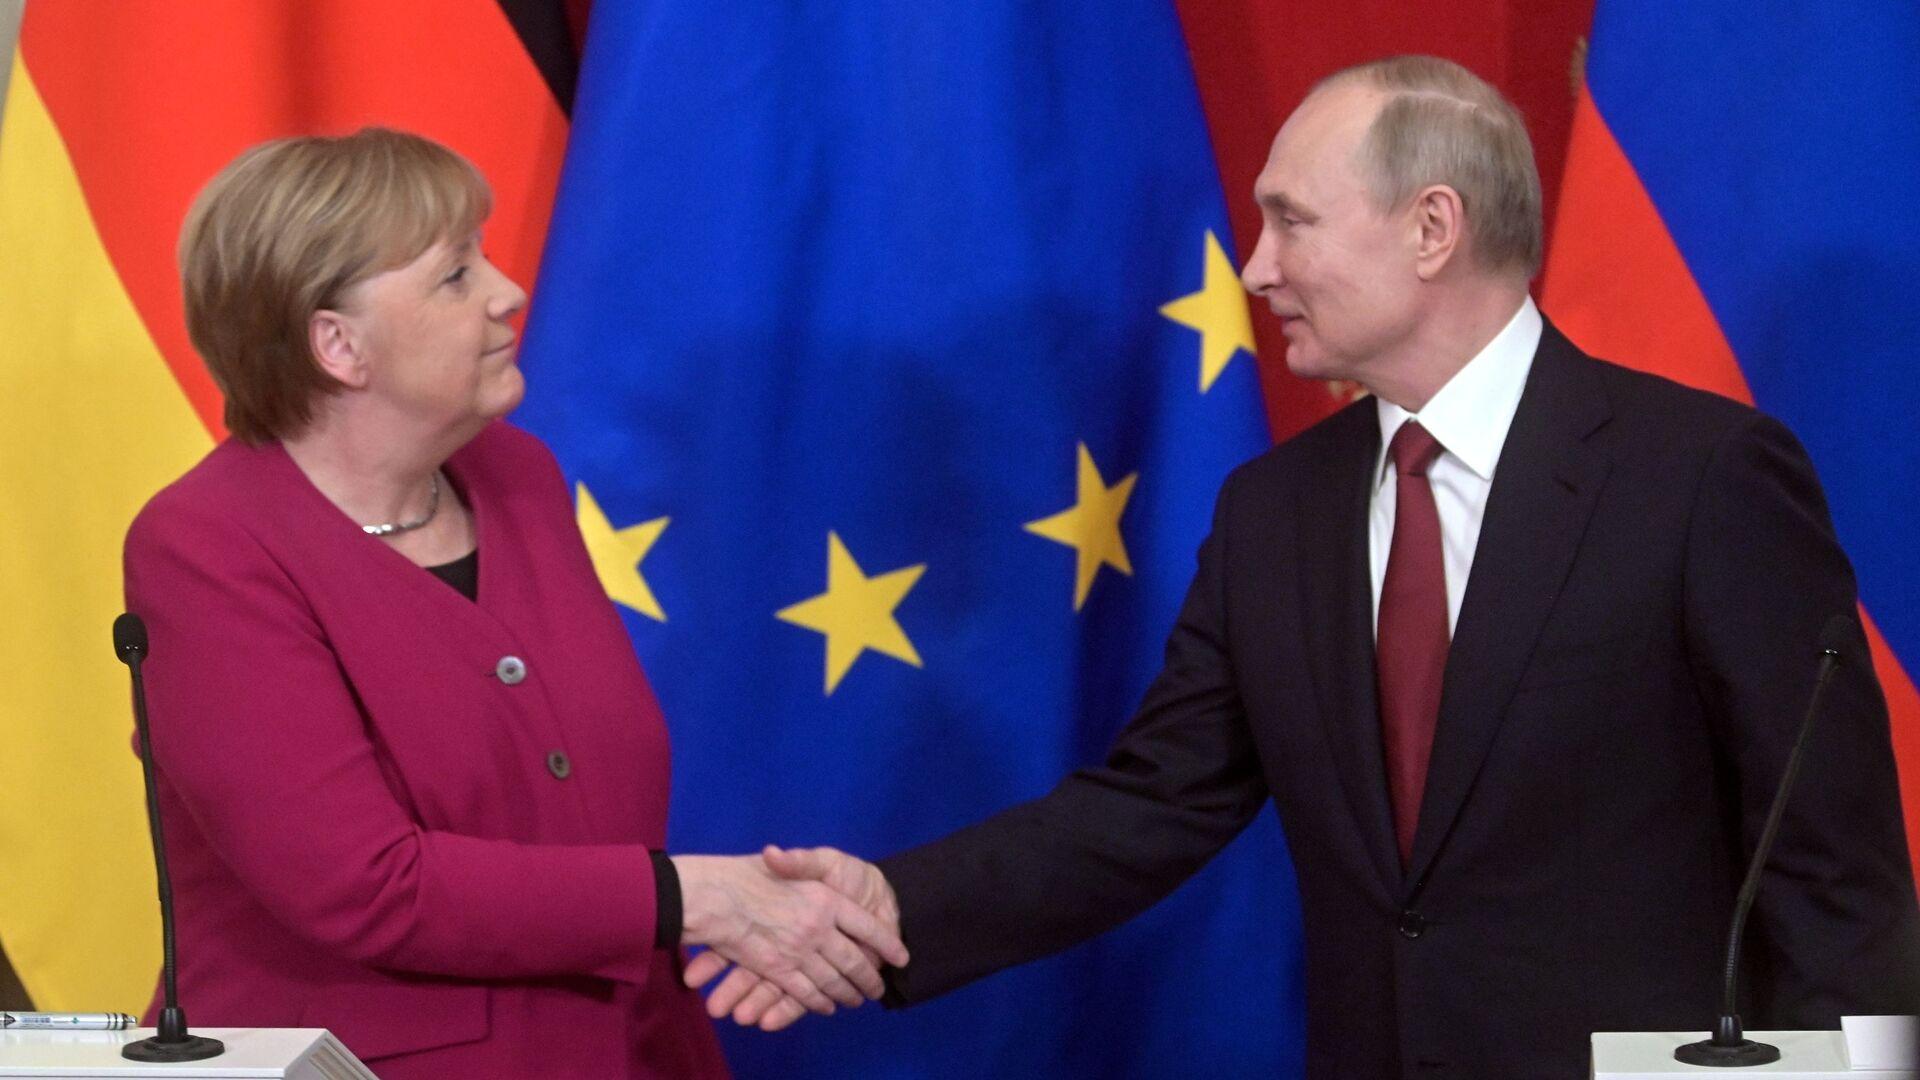 Německá kancléřka Angela Merkelová a ruský prezident Vladimir Putin v Moskvě - Sputnik Česká republika, 1920, 19.03.2021